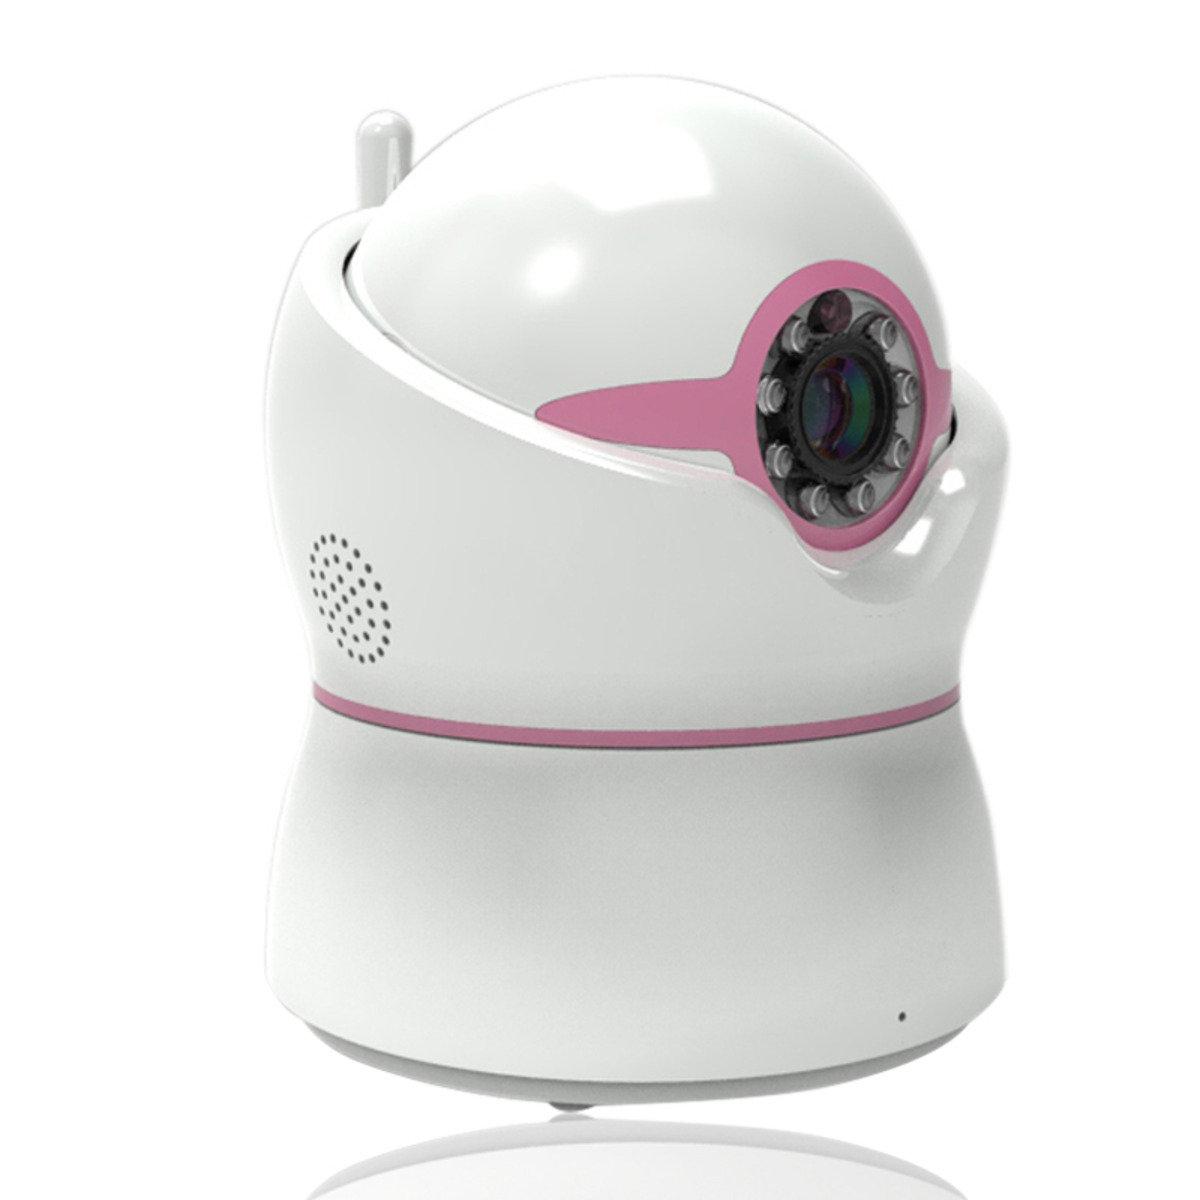 嬰兒監護儀-粉紅色